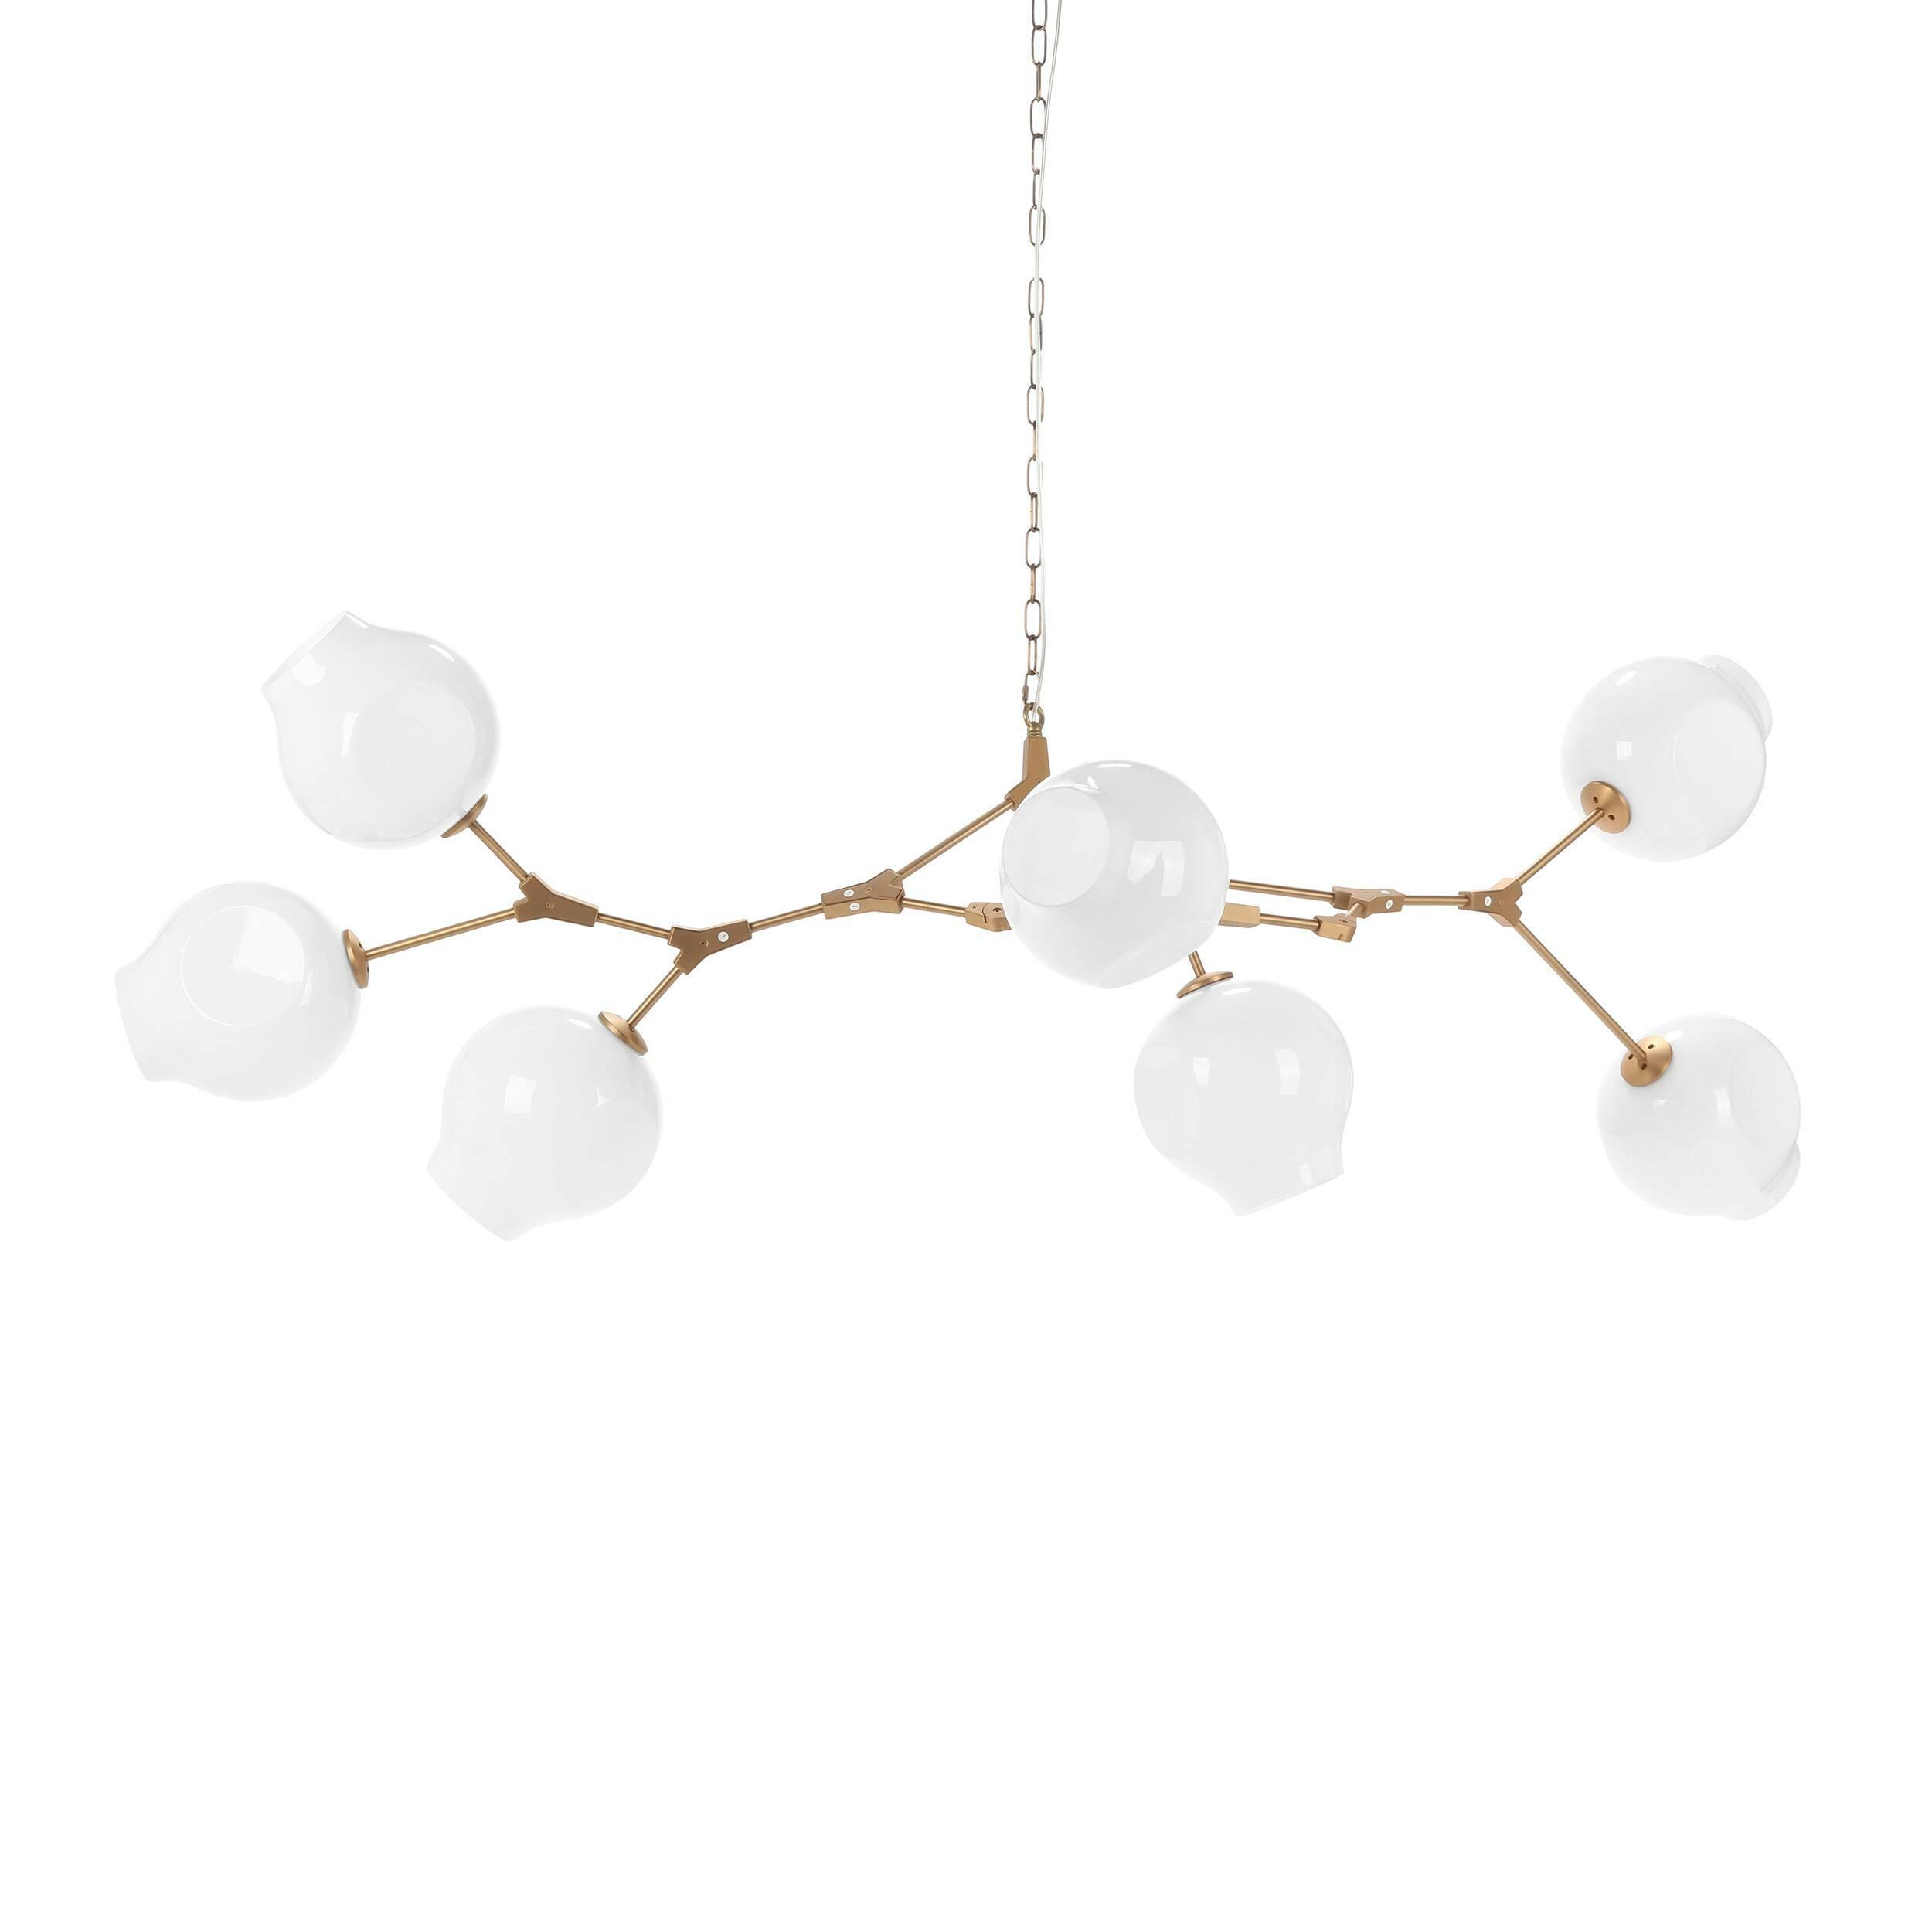 Подвесной светильник Branching Bubbles Summer, 7 лампПодвесные<br>Линдси Адельман, известный западный дизайнер, чьи работы обладают особенным шармом и творческим почерком, создает необычайно стильные и красивые источники освещения, которые сочетают в себе оригинальный внешний вид, особую надежность и прочность благодаря используемым материалам и их сочетаниям. Подвесной светильник Branching Bubbles Summer 7 ламп представляет собой затейливую конструкцию, напоминающую длинную ветвь с волшебными пузырями.<br><br><br><br><br> Плафоны светильника изготовлены из каче...<br><br>stock: 1<br>Высота: 70<br>Ширина: 90<br>Диаметр: 23<br>Длина: 205<br>Количество ламп: 7<br>Материал абажура: Стекло<br>Материал арматуры: Сталь<br>Мощность лампы: 40<br>Ламп в комплекте: Нет<br>Напряжение: 220<br>Тип лампы/цоколь: E27<br>Цвет абажура: Белый<br>Цвет арматуры: Латунь